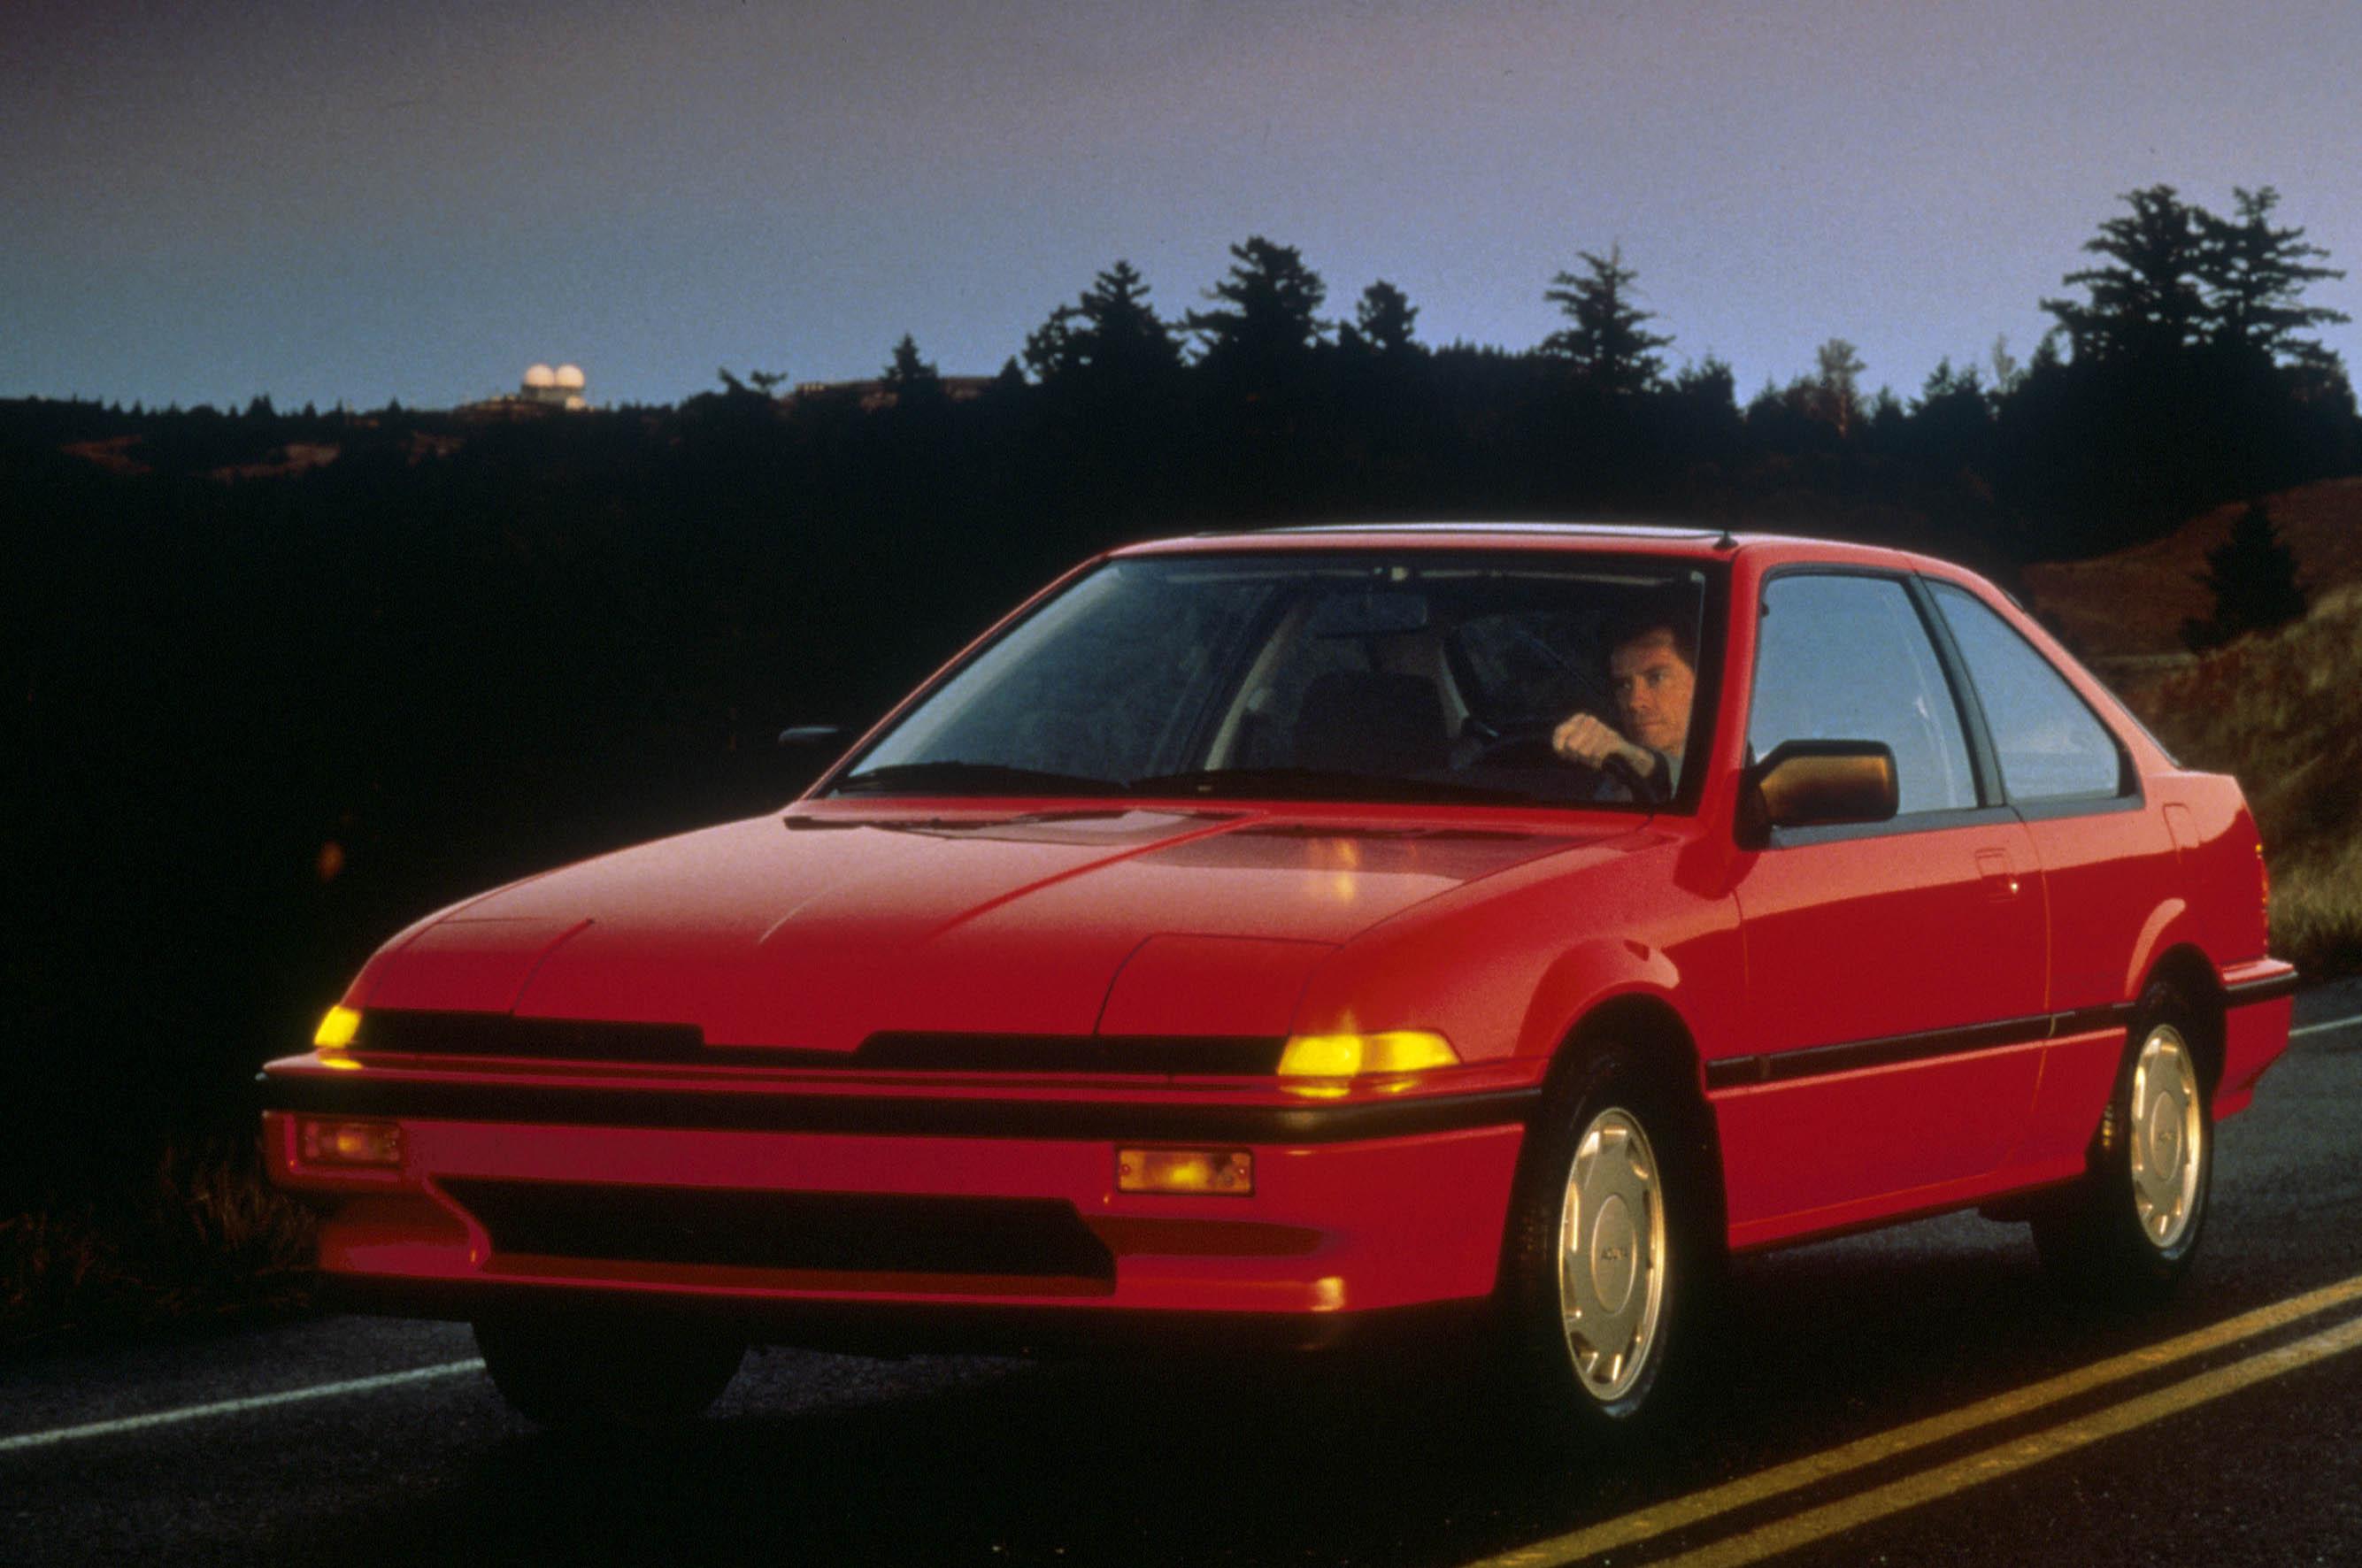 Acura Integra I 1985 - 1989 Hatchback 3 door #6